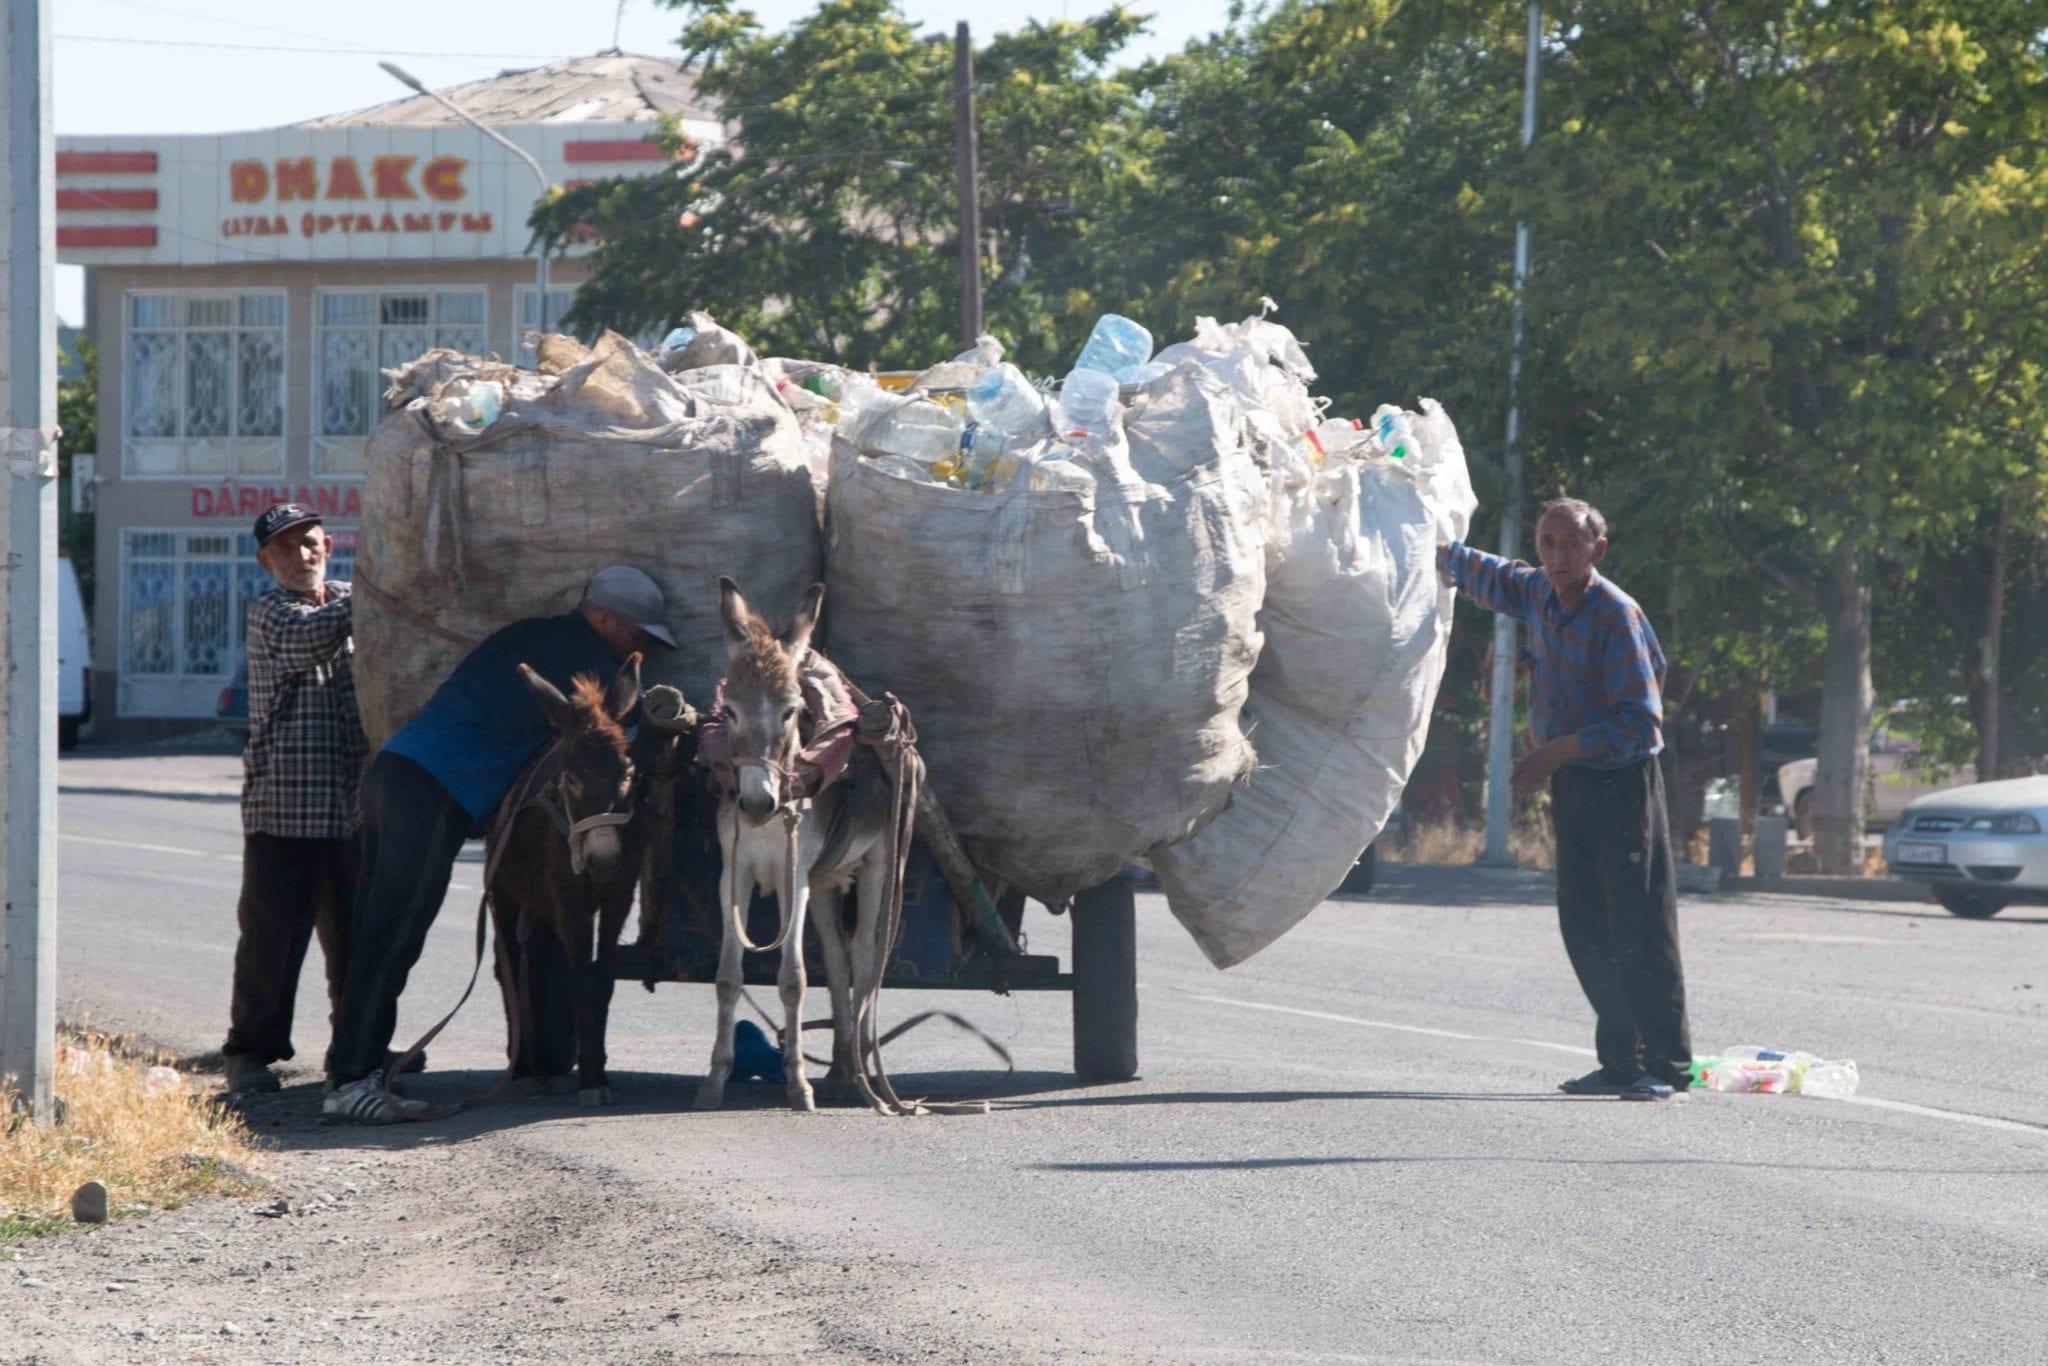 Идея по сбору мусора